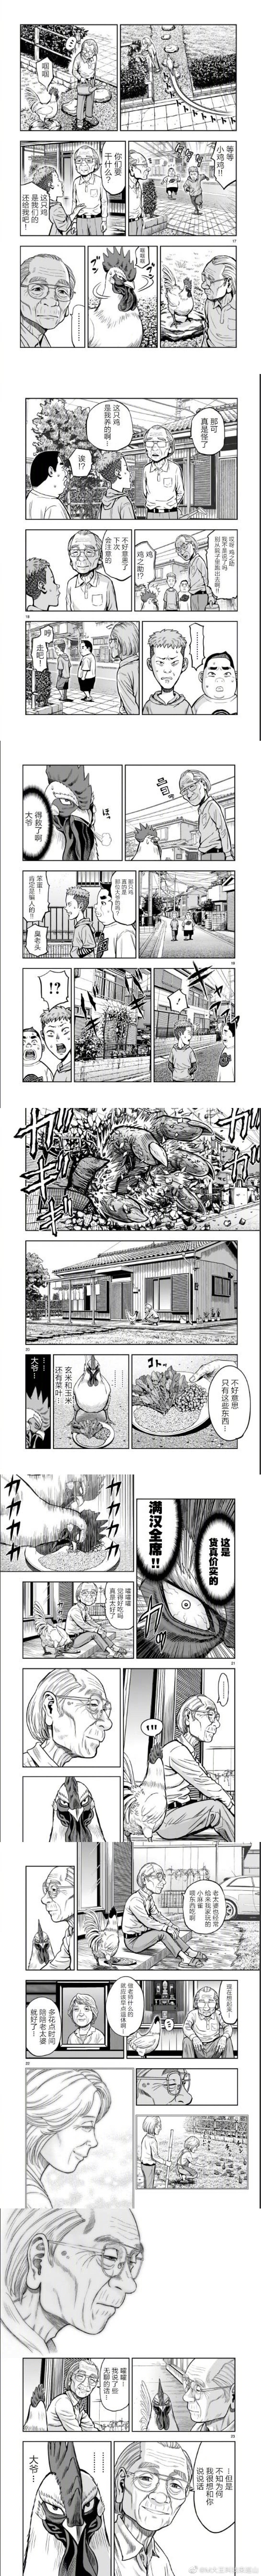 这不比博人传燃? 日本漫画 动漫图片 第6张